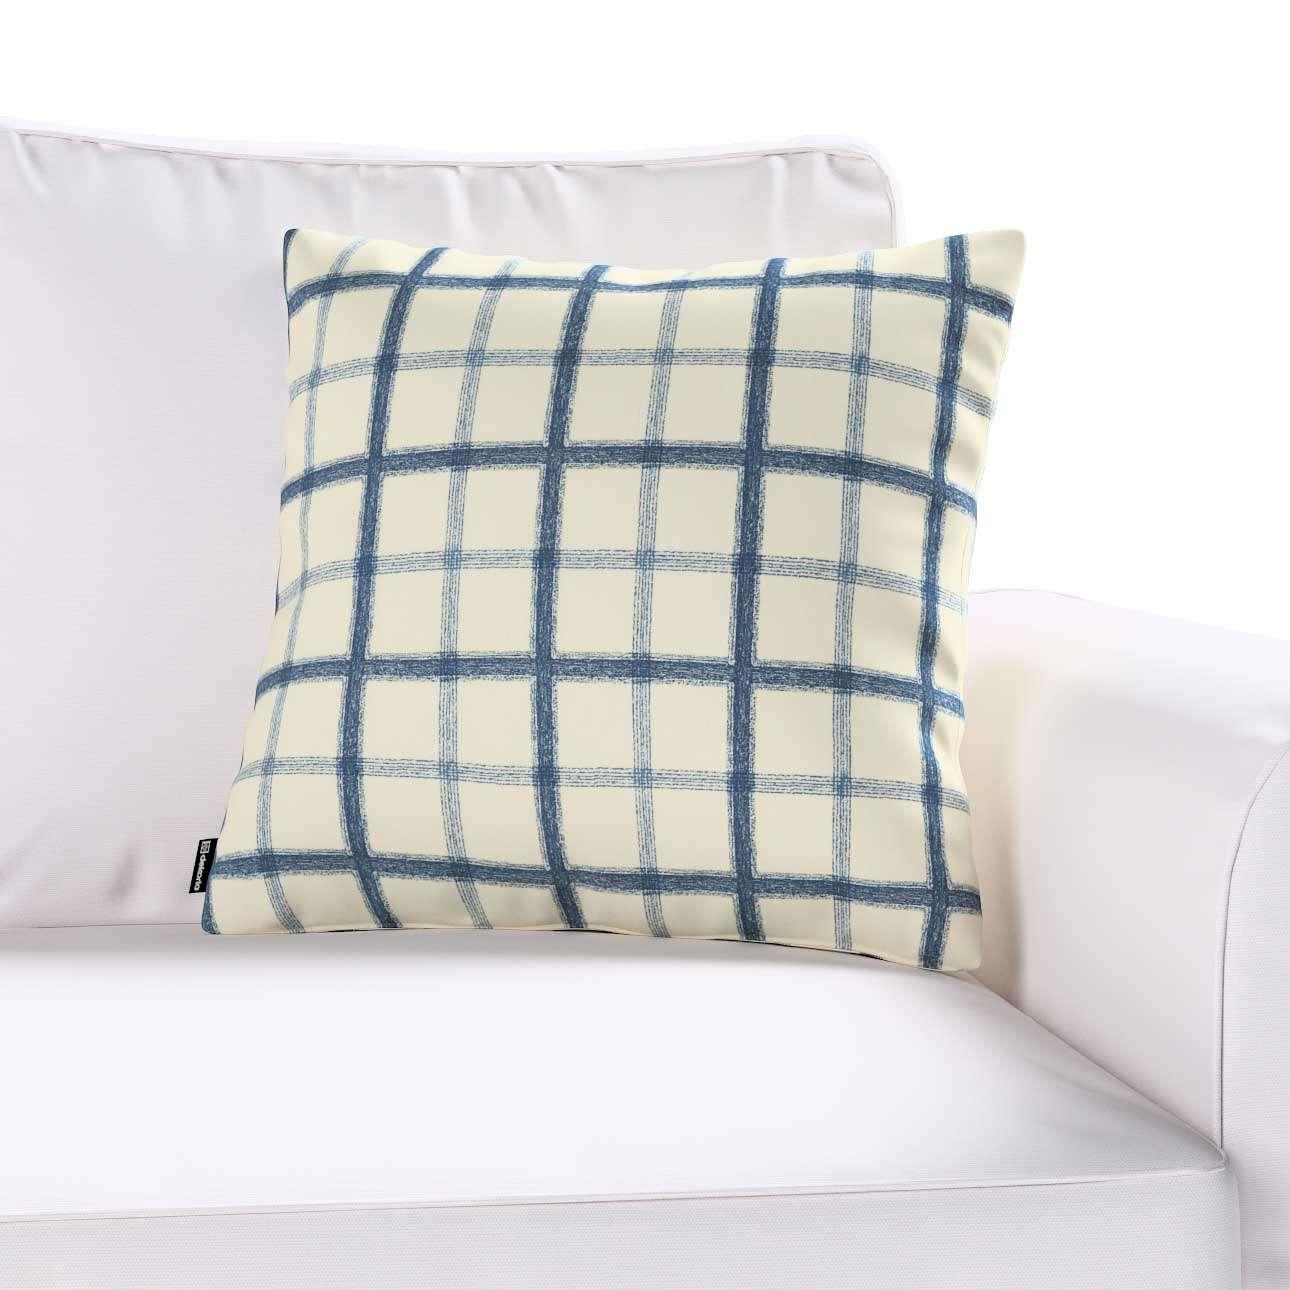 Kinga dekoratyvinės pagalvėlės užvalkalas 43 x 43 cm kolekcijoje Avinon, audinys: 131-66